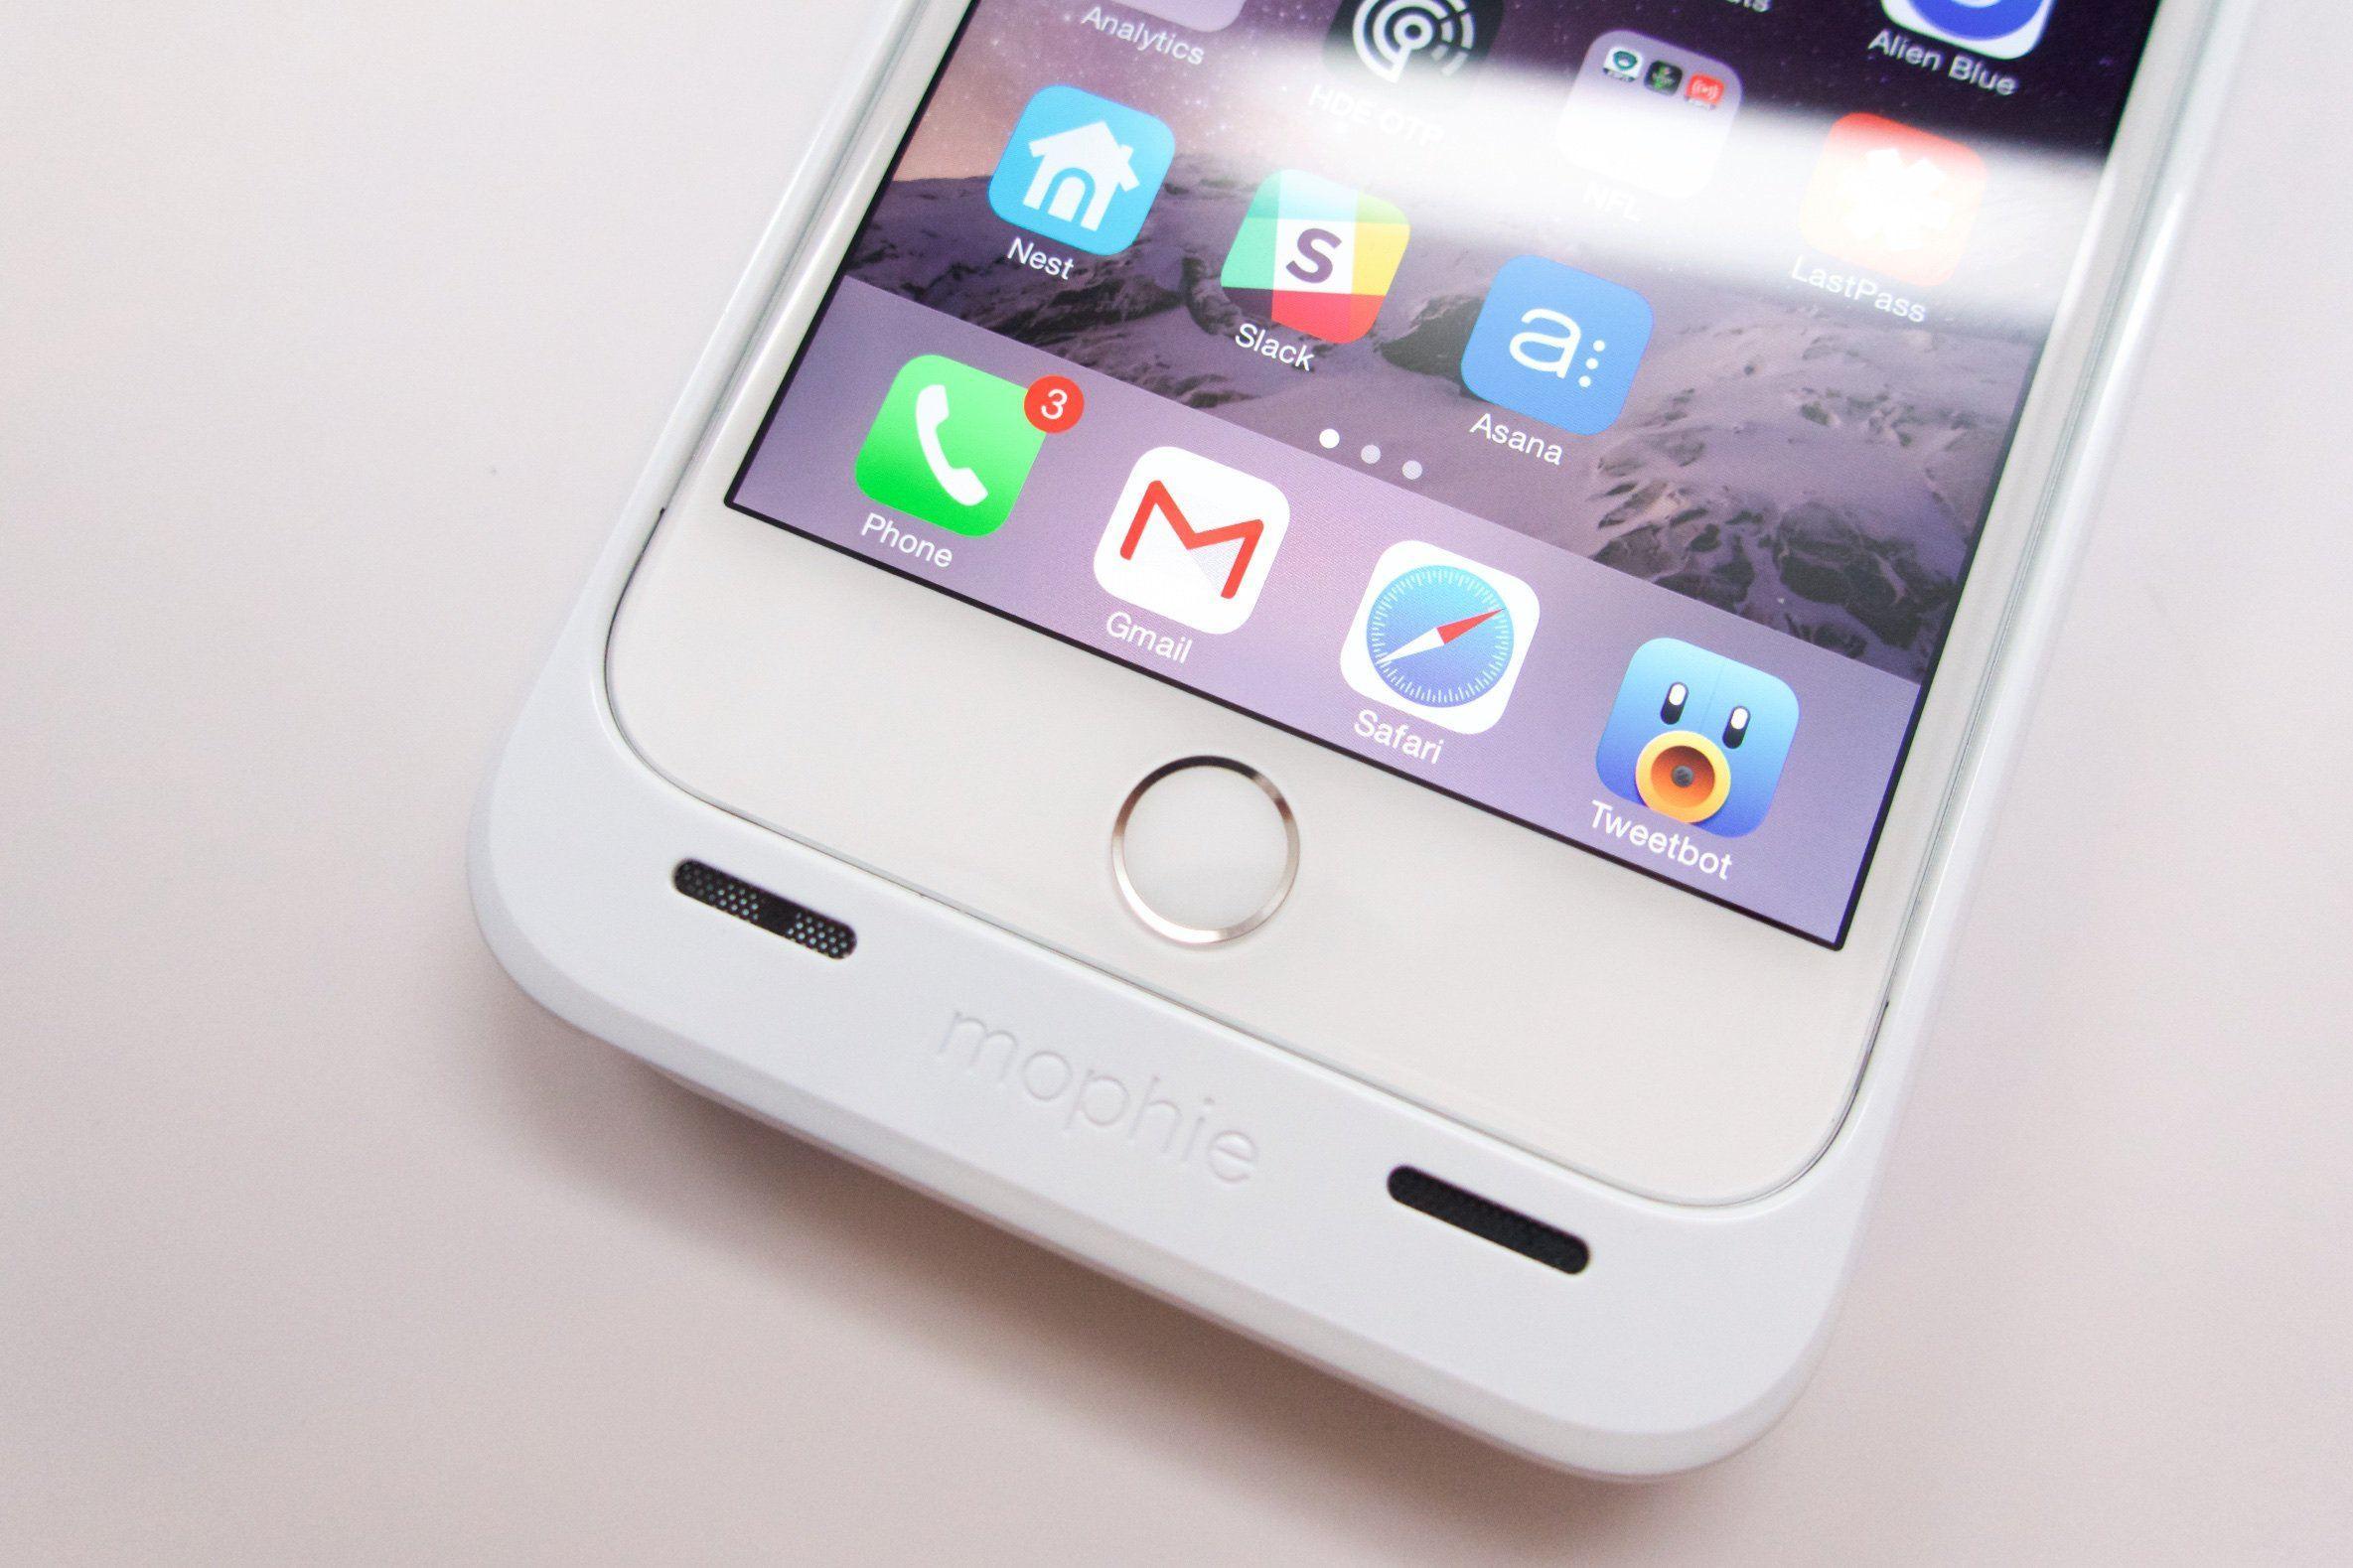 Iphone 6s release date verizon in Brisbane